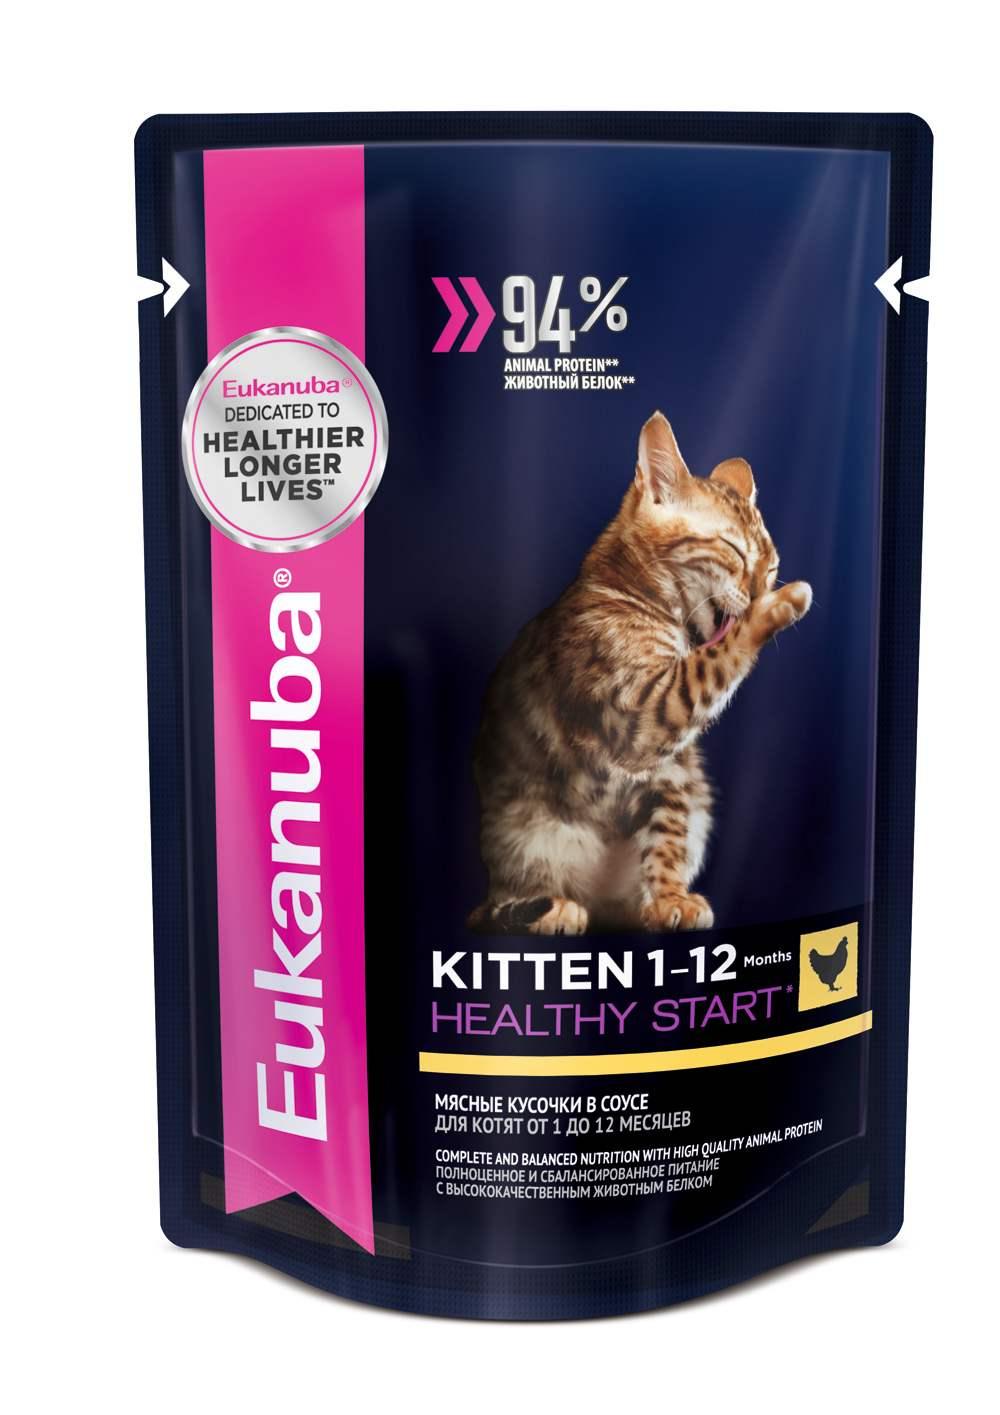 Корм консервированный Eukanuba EUK Cat. Паучи, для котят, с курицей, в соусе, 85 г10150839Полноценное и сбалансированное питание для котят в возрасте от 1 до 12 месяцев с высококачественным животным белком для здорового роста и развития.1. ЗДОРОВЫЙ РОСТИсточник белка животного происхождения для здорового роста и развития.2. ПОДЕРЖАНИЕ ИММУНИТЕТАСпособствует поддержанию иммунной системы за счет антиоксидантов.3. КОНТРОЛИРУЕМЫЙ pH МОЧИПомогает контролировать pH мочи в пределах рекомендуемой нормы.4. КОЖА И ШЕРСТЬПоддерживает здоровье кожи и шерсти при помощи оптимального соотношения ?-6 и ?-3 жирных кислот, эффективность которых доказана клинически.5. КРЕПКИЕ МЫШЦЫБелки животного происхождения способствуют росту и сохранению мышечной массы.6. ОПТИМАЛЬНОЕ ПИЩЕВАРЕНИЕСпособствует поддержанию здоровой кишечной микрофлоры за счет пребиотиков и клетчатки. Белки 7,6 г, Жиры 3,6 г, Зола (минералы) 2,3 г, Клетчатка 0,1 г, Влага 82 г, Омега-6 жирные кислоты, не менее 1 г, Омега-3 жирные кислоты, не менее 0,1 г, Метионин 0,4 г, Таурин, не менее 0,07 г, Витамин А, не менее 170 МЕ, Витамин Е, не менее 1,3 г.Кроме указанных, содержит все витамины и минералы, необходимые для полноценного и сбалансированного питания.ЭНЕРГЕТИЧЕСКАЯ ЦЕННОСТЬ (В 100 Г): 77 КкалМясо и субпродукты (в том числе курица минимум 26%), злаки, витамины и минеральные вещества, аминокислота метионин, рыбий жир.